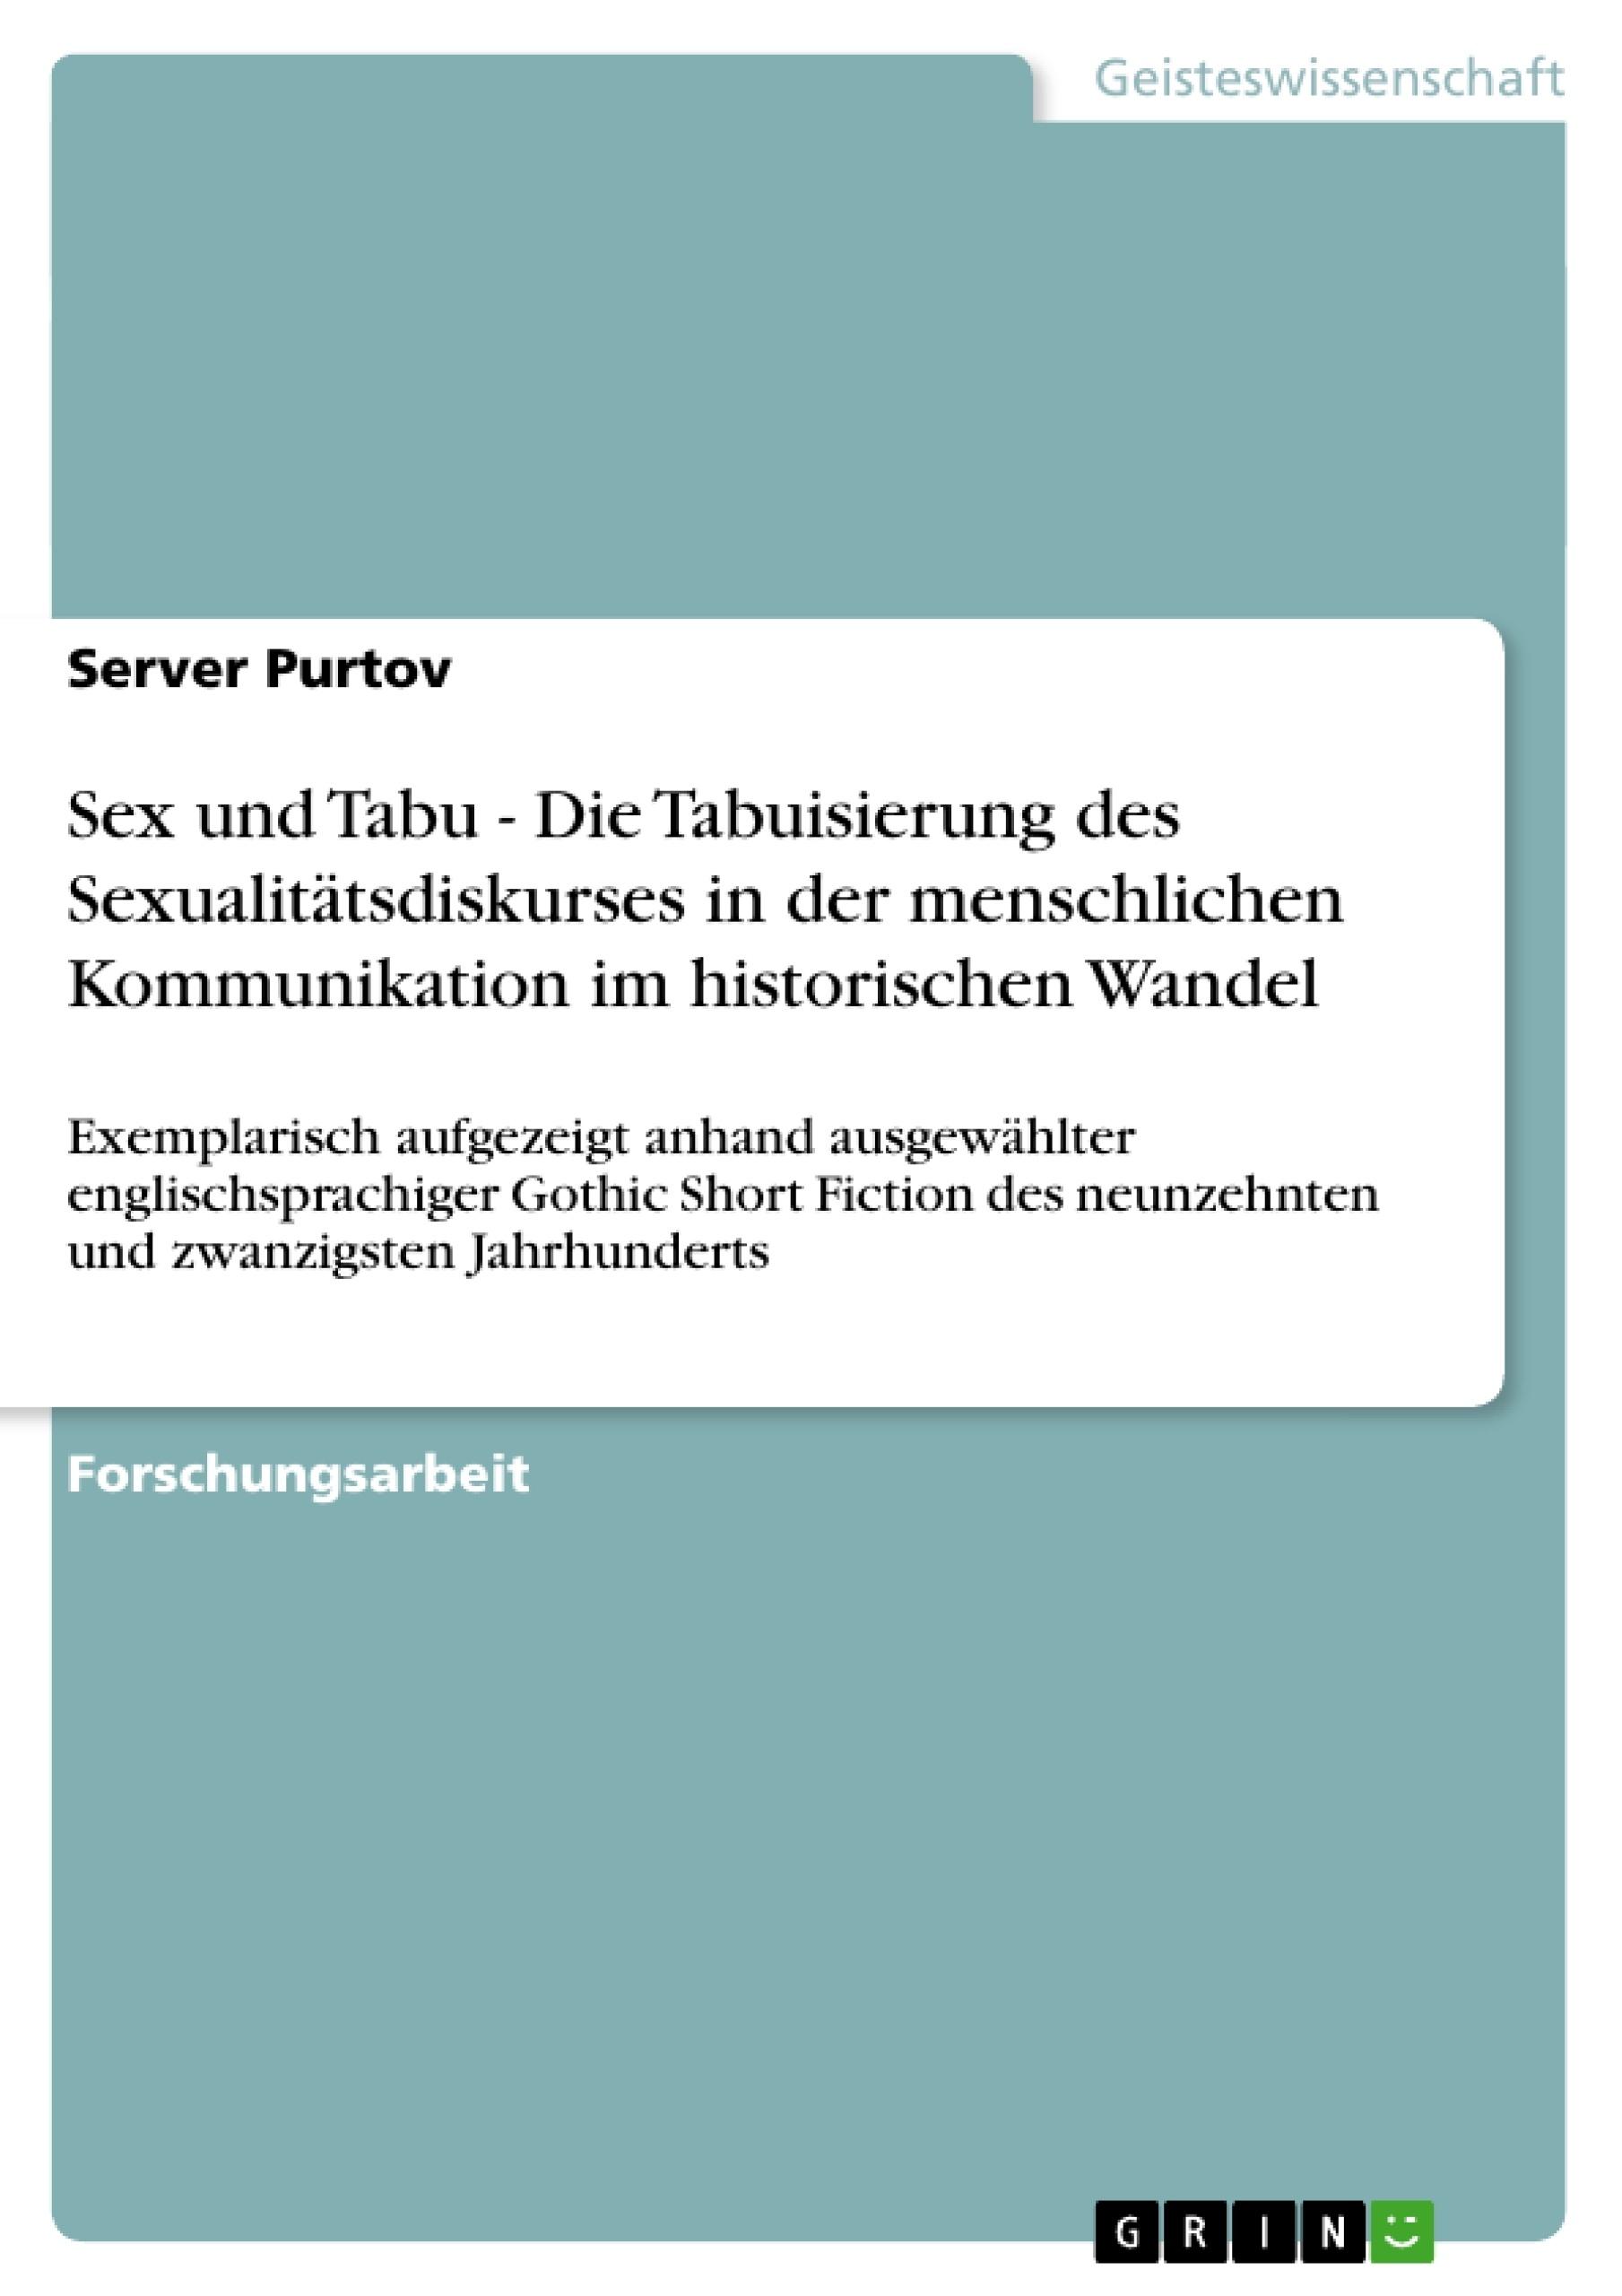 Titel: Sex und Tabu - Die Tabuisierung des Sexualitätsdiskurses in der menschlichen Kommunikation im historischen Wandel